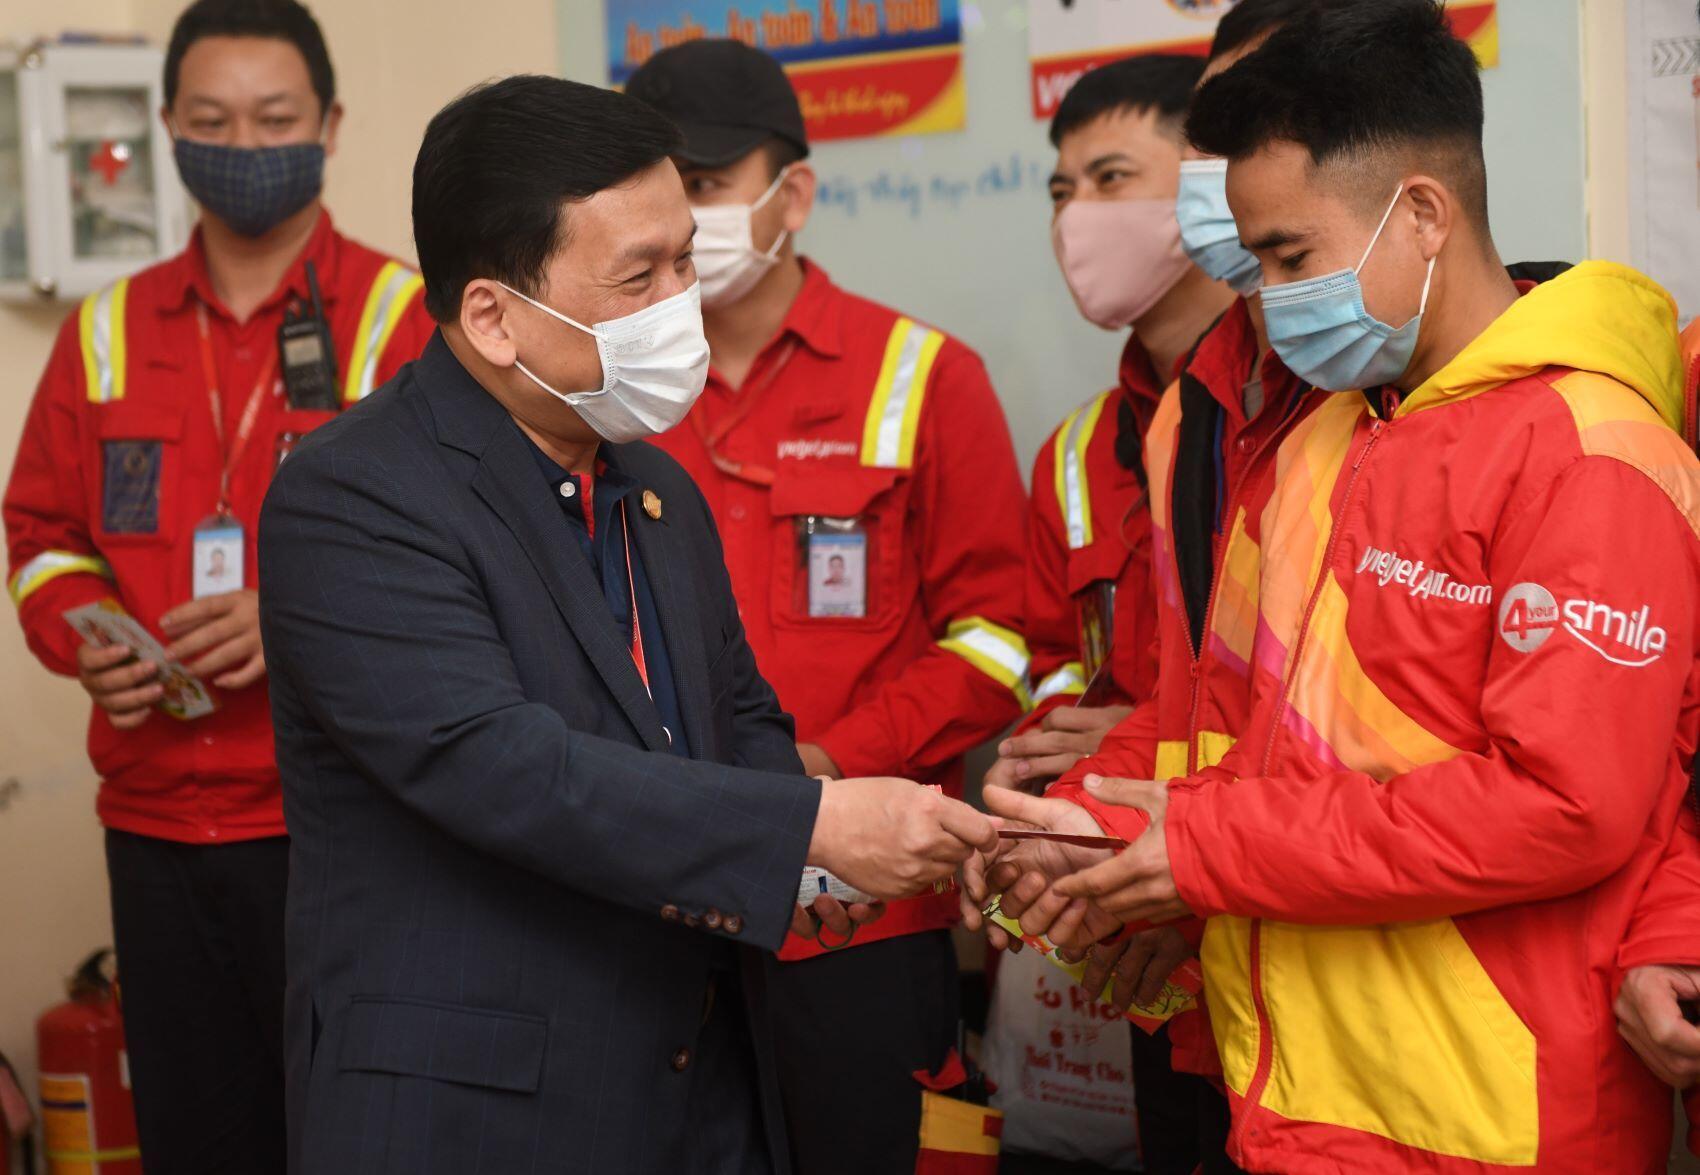 Giám đốc Điều hành Vietjet Đinh Việt Phương chúc mừng năm mới các cán bộ nhân viên tại sân bay Nội Bài, Tân Sơn Nhất